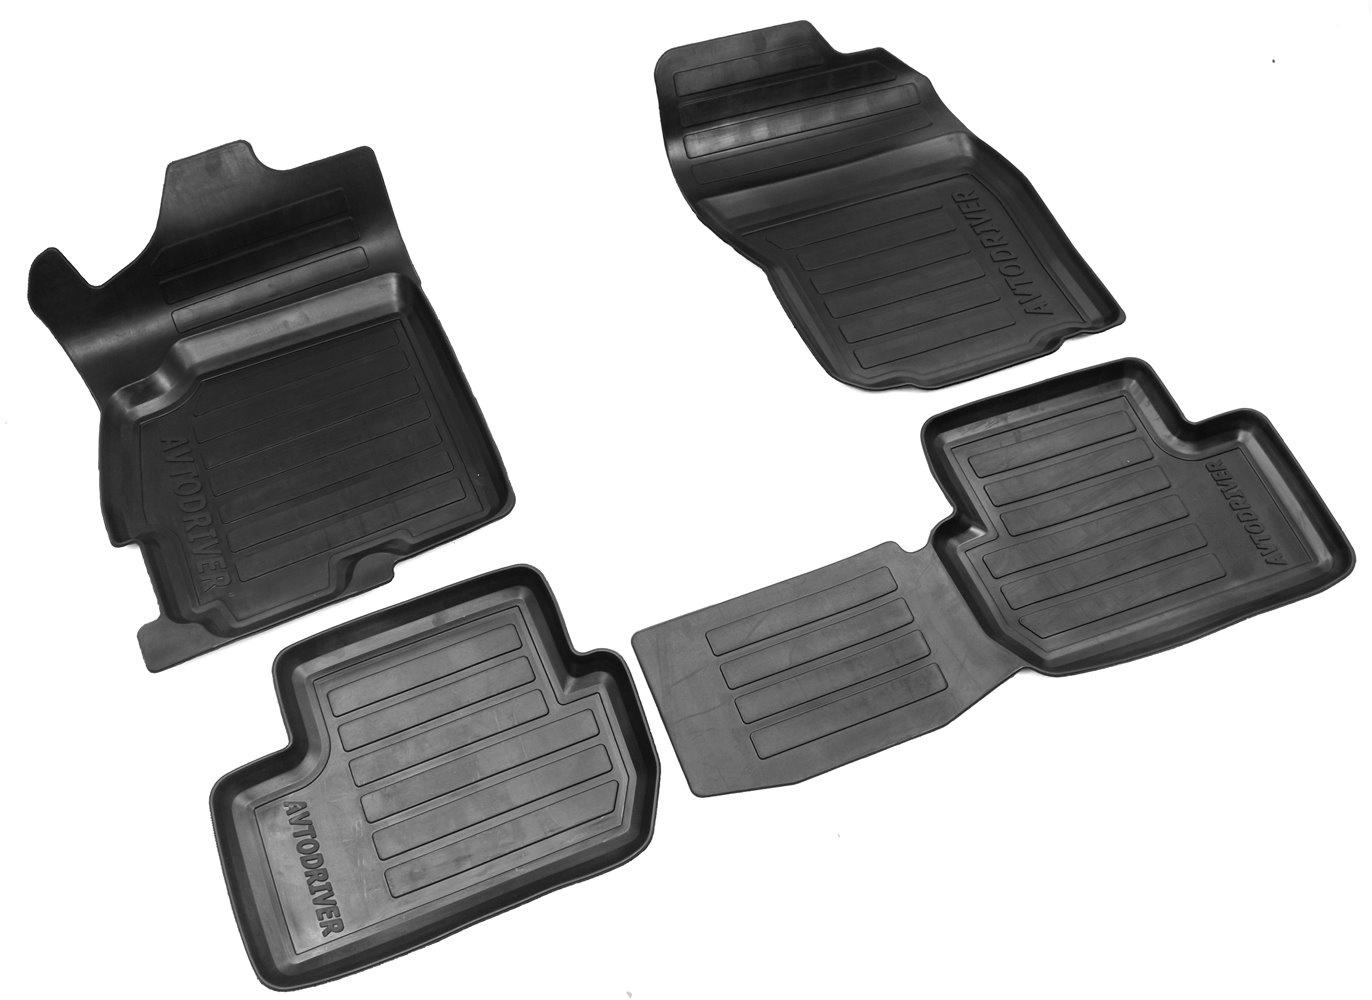 Коврики в салон автомобиля Avtodriver для Citroen C4 Aircross (2012-) с бортиком, ADRAVG235, черный, 4 шт g peters rey quasi rondo